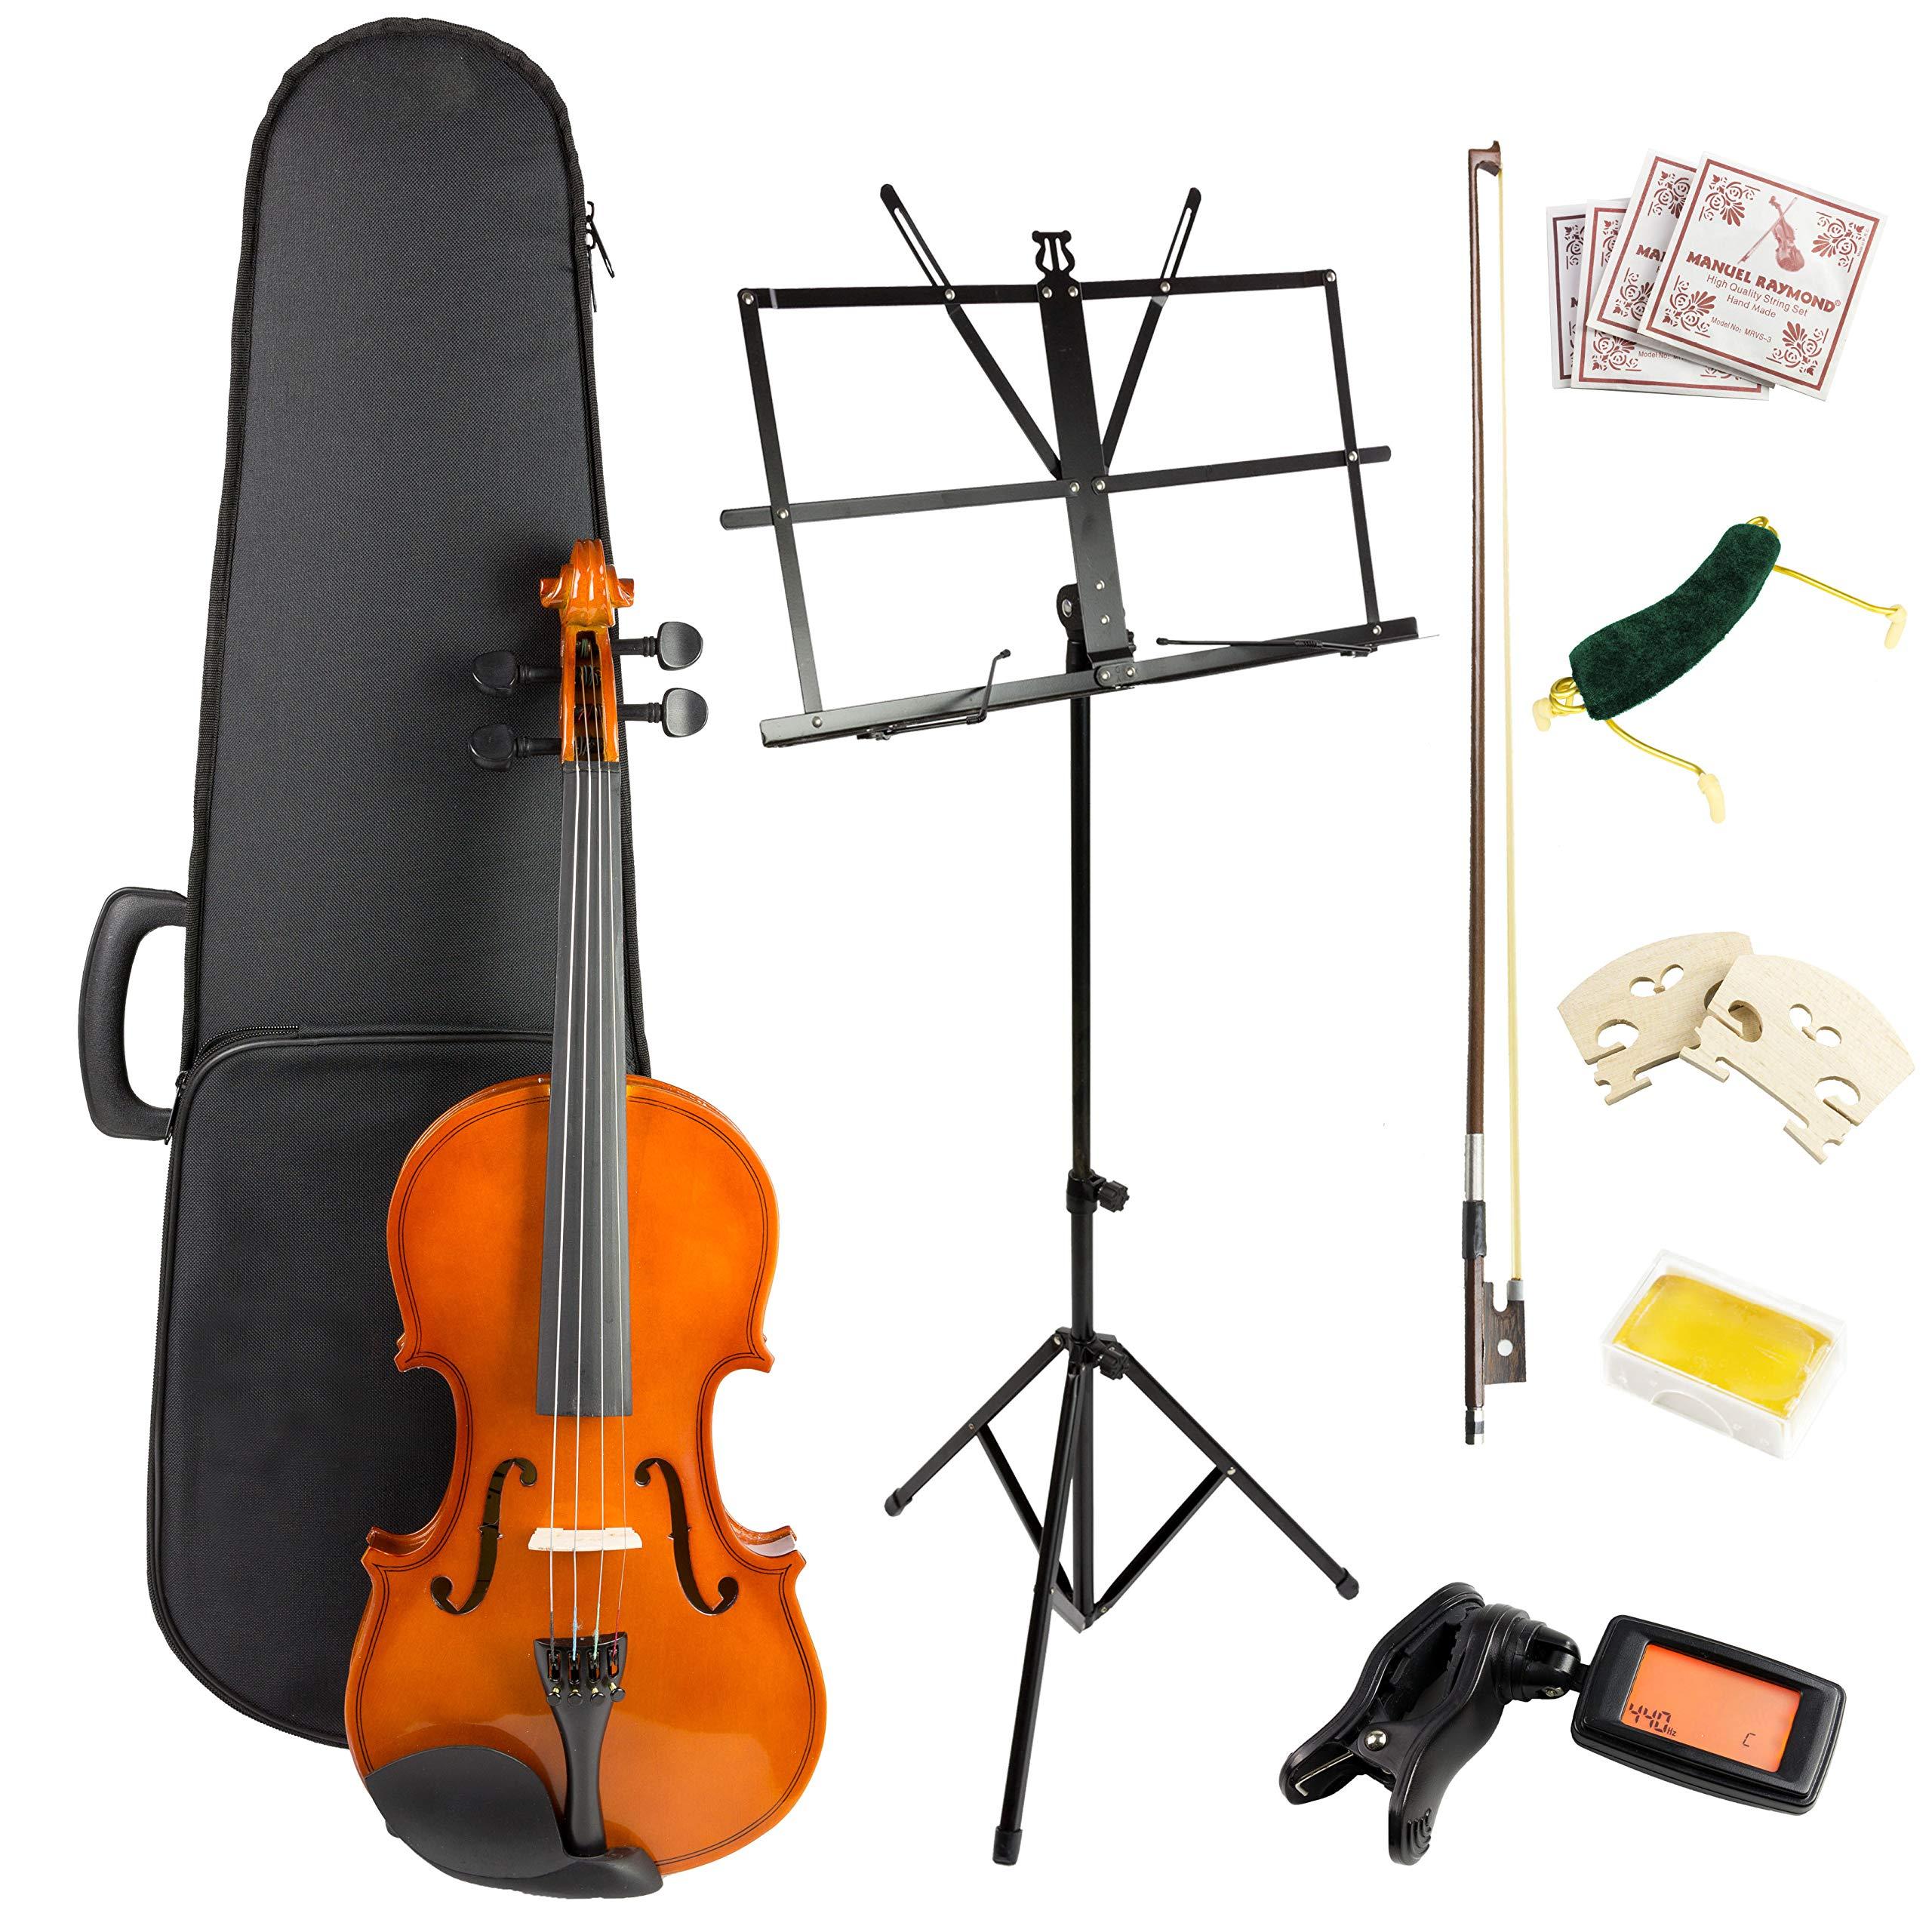 Windsor VIOLINSK44 Violin Super Kit